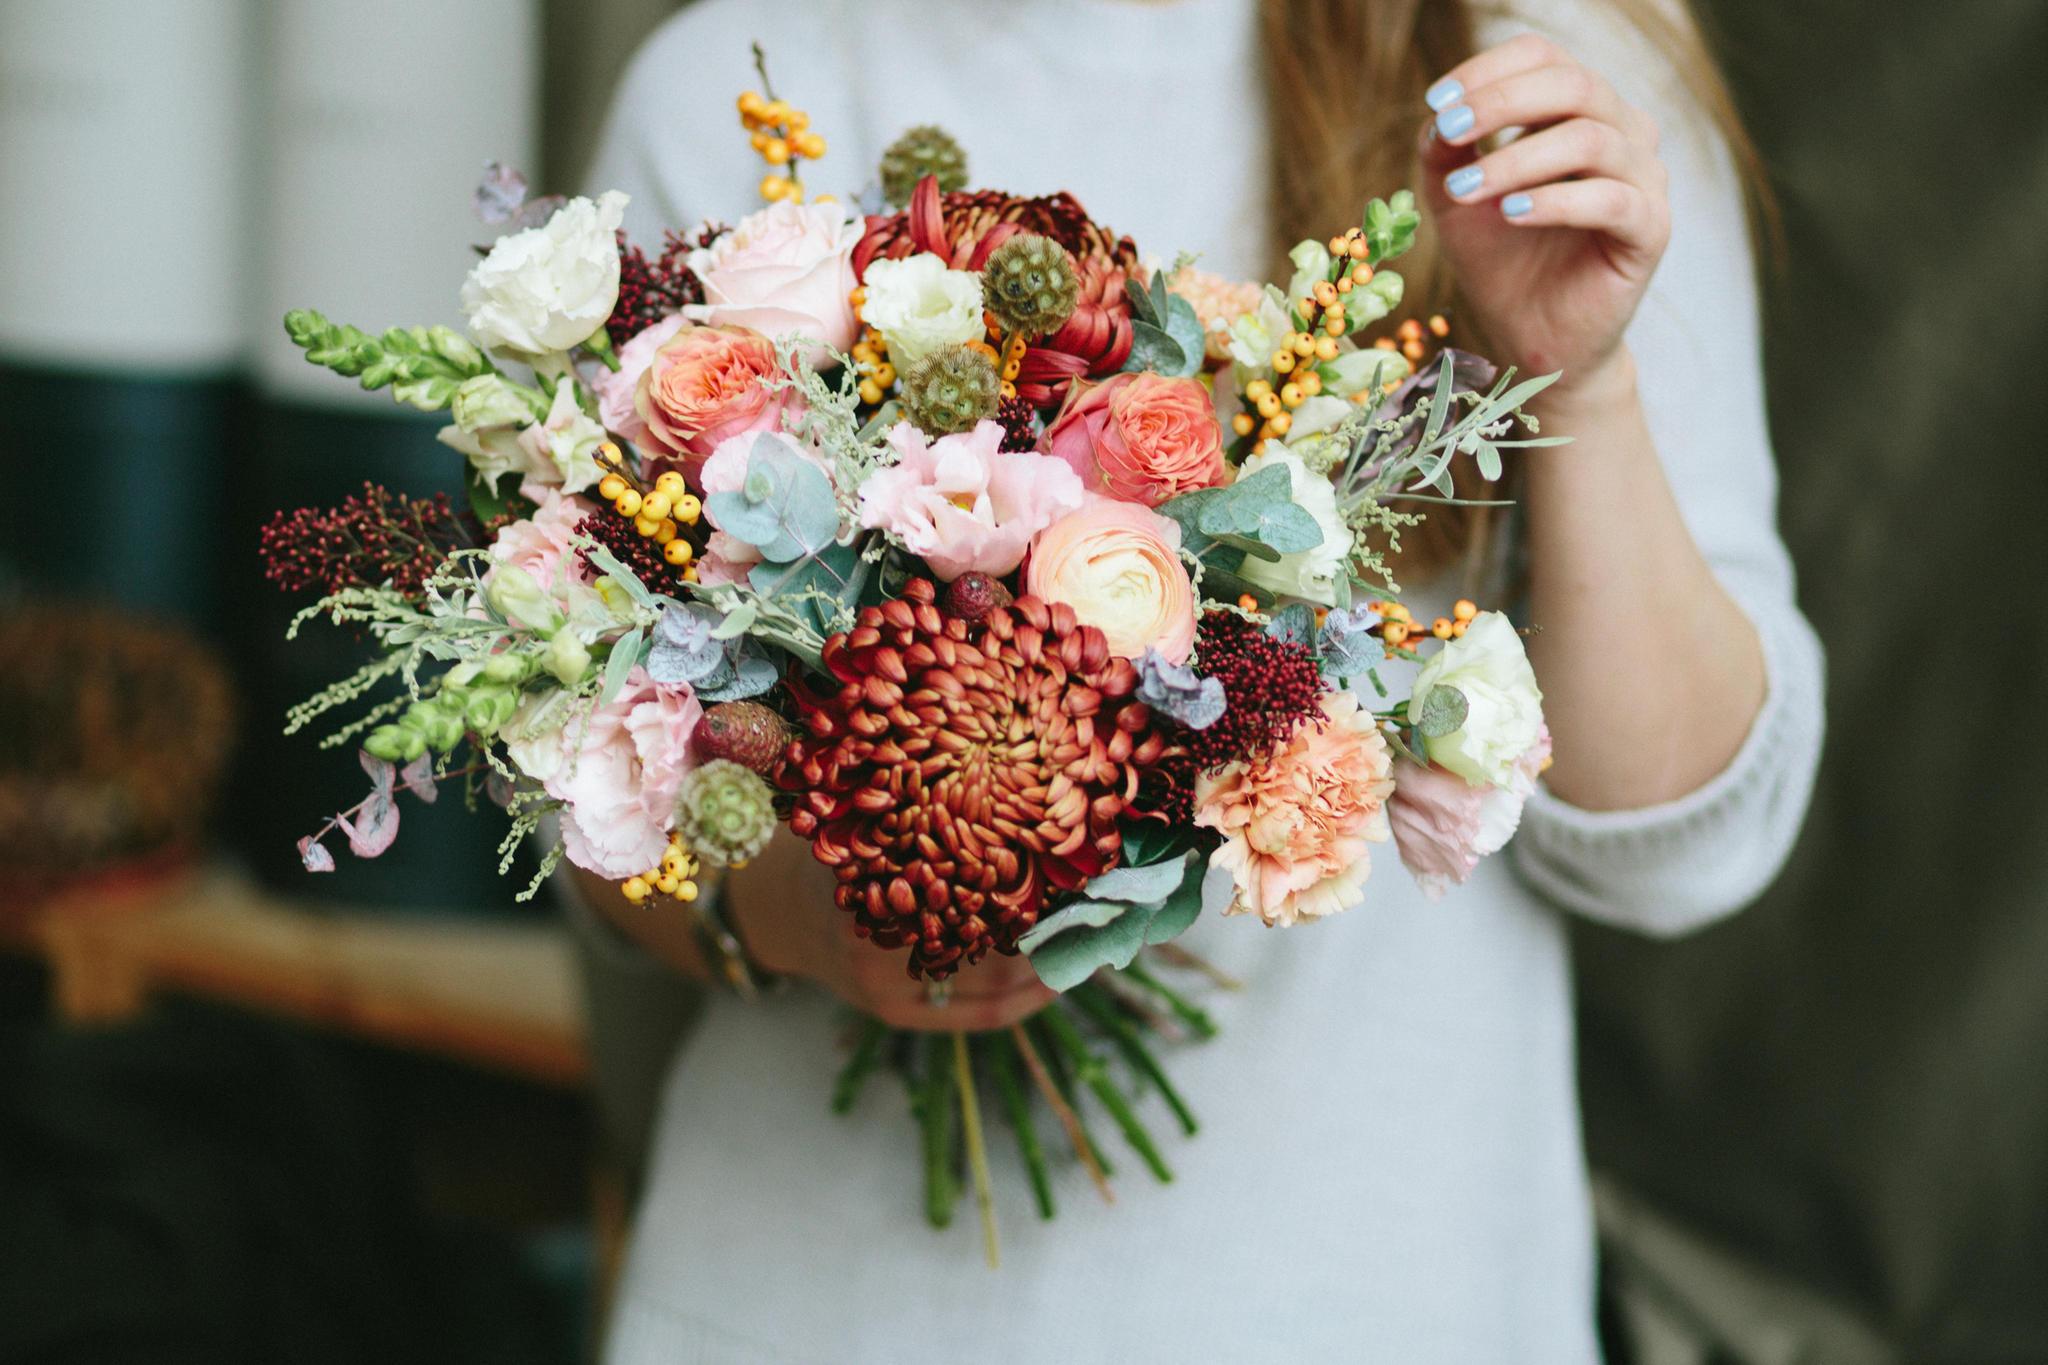 Schon lange keine Blumen mehr geschenkt bekommen? Dann kaufe dir selbst einen bunten Strauß und erfreue dich über den Anblick in deiner Wohnung.